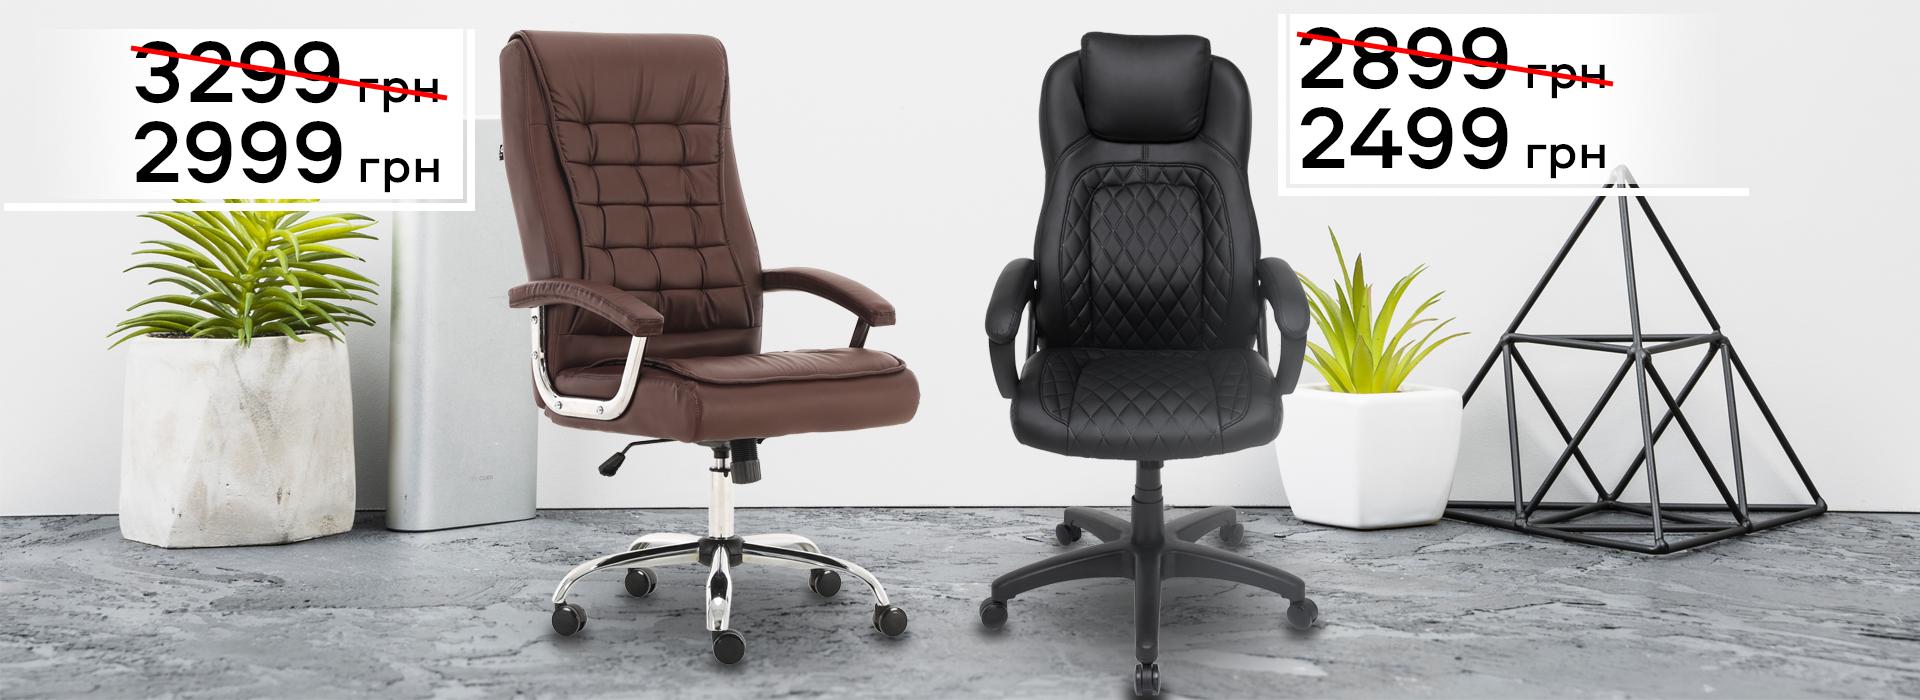 Акція! Знижки на офісні крісла GT Racer X-2972 та GT Racer X-2973!